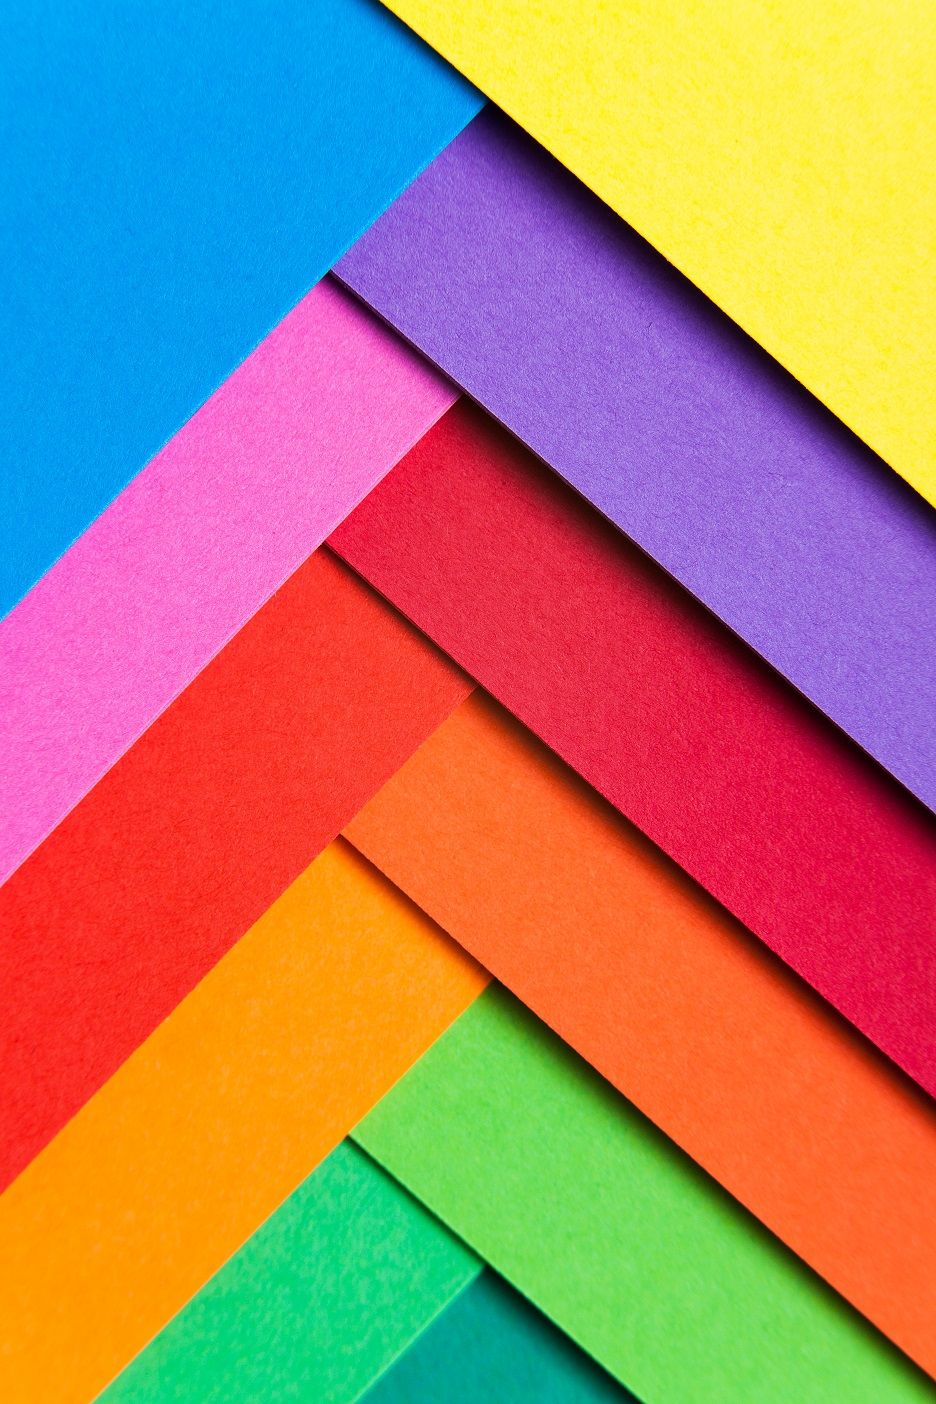 Farbiges Papier Zum Basteln In Intensiven Farben Wie Violet Rot Fuchsia Kanariengelb Maigrün Orange B Regenbogen Hintergrundbild Farbiges Papier Papier